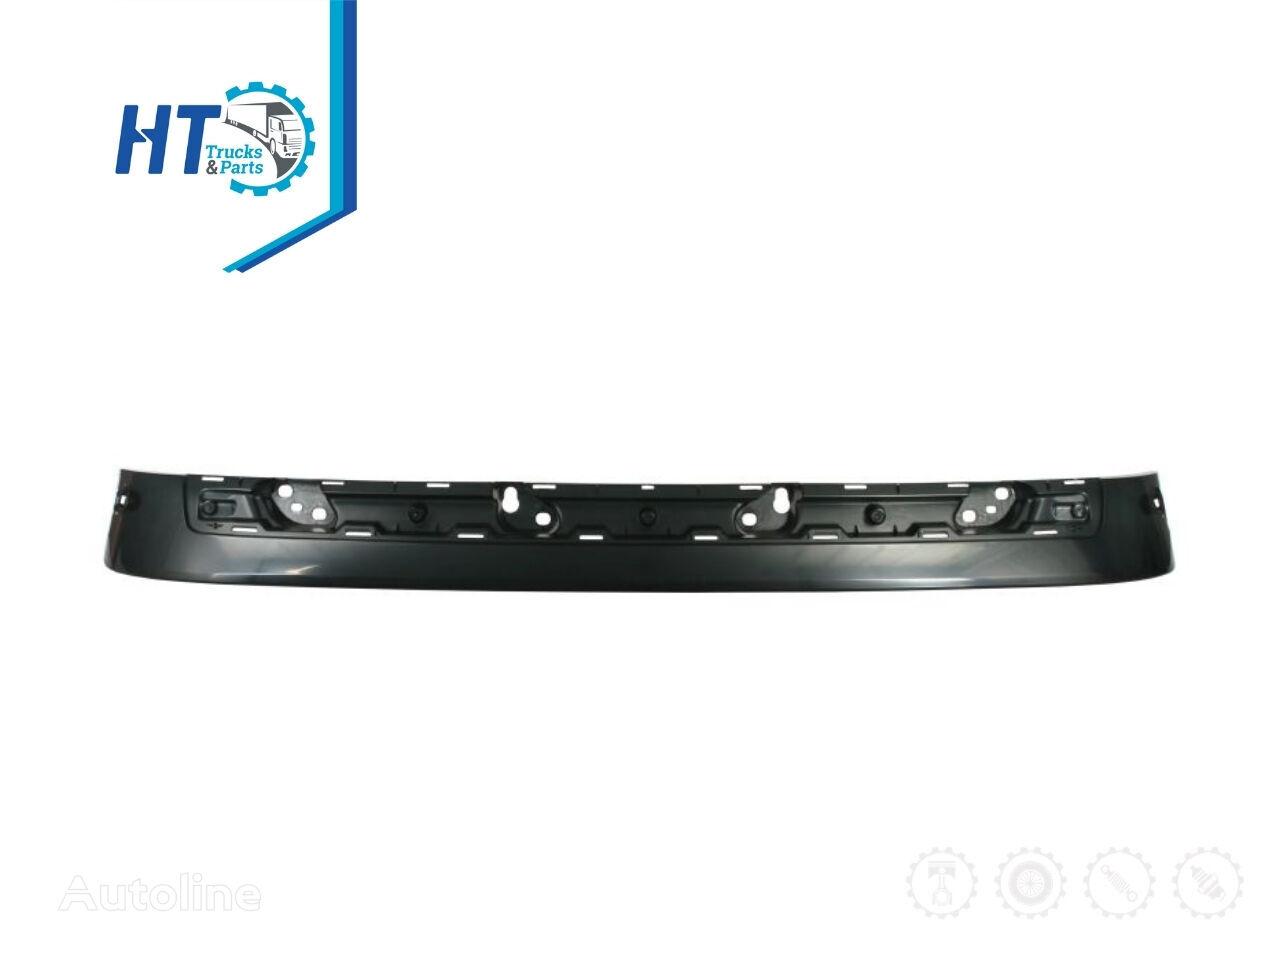 VOLVO (84014254) sun visor for truck